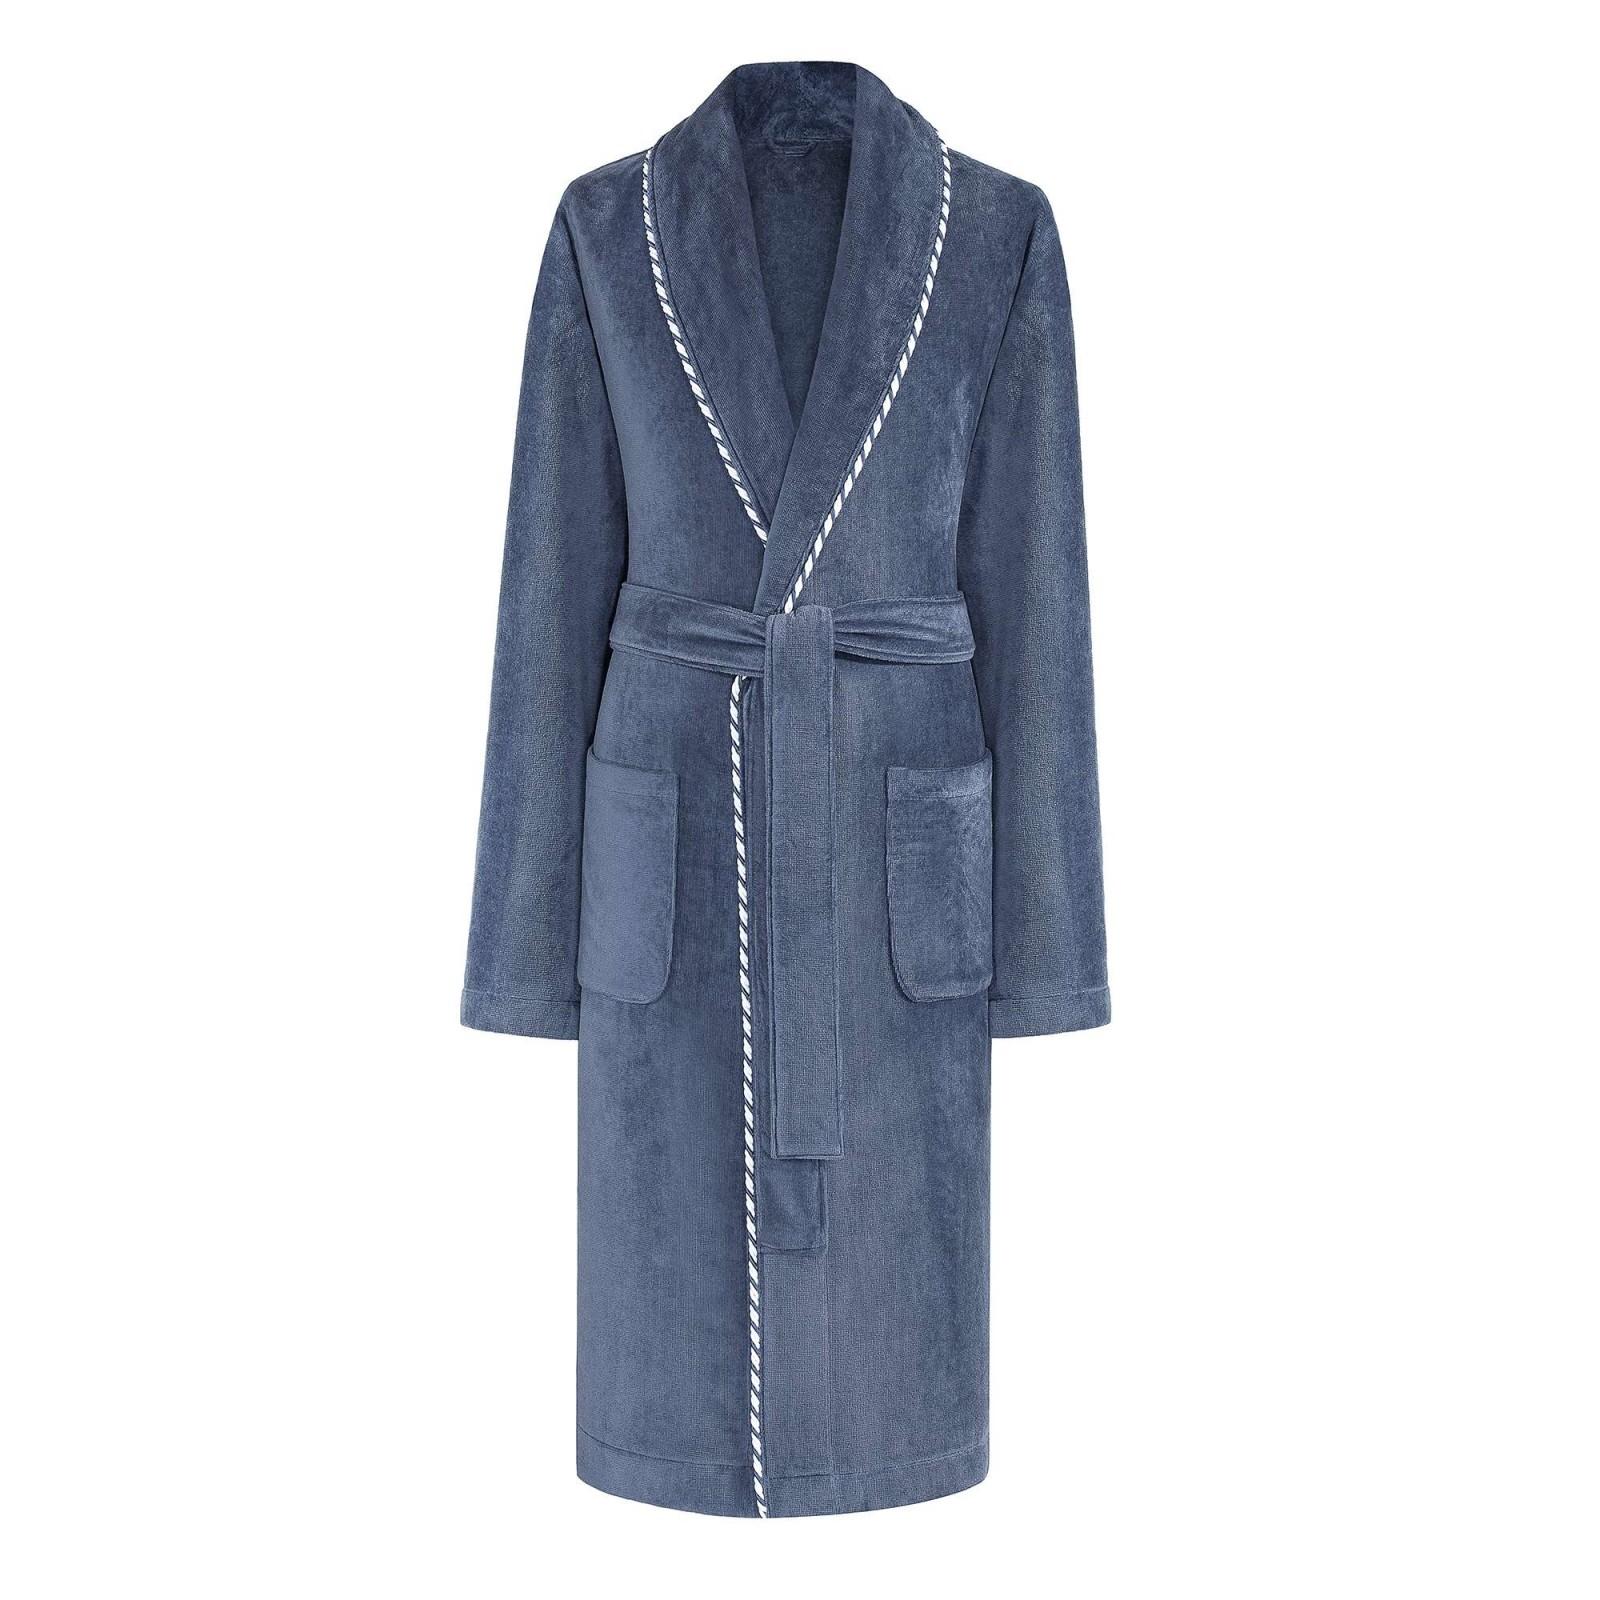 Сауны, бани и оборудование Togas Халат Роберт Цвет: Синий (M) togas халат мужской конолли